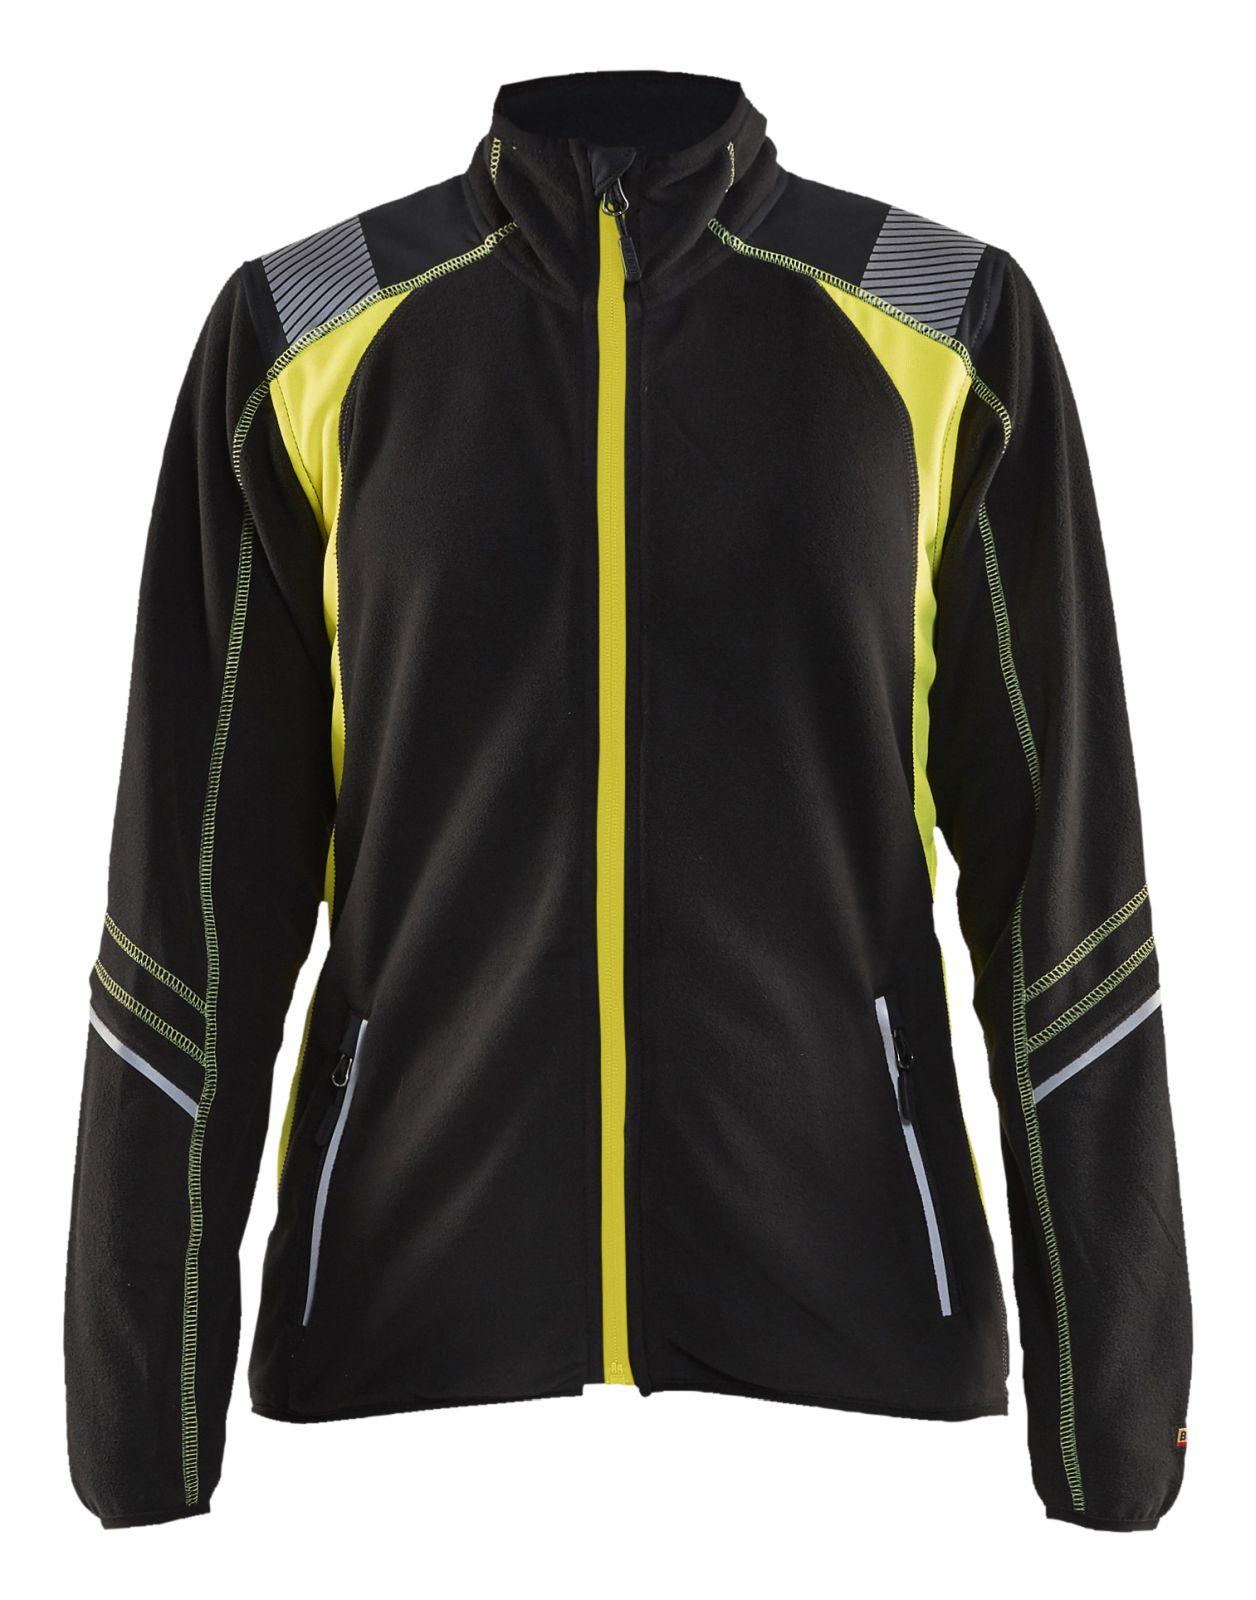 Blaklader Dames fleece vesten 49731010 Reflectieband zwart-fluo geel(9933)